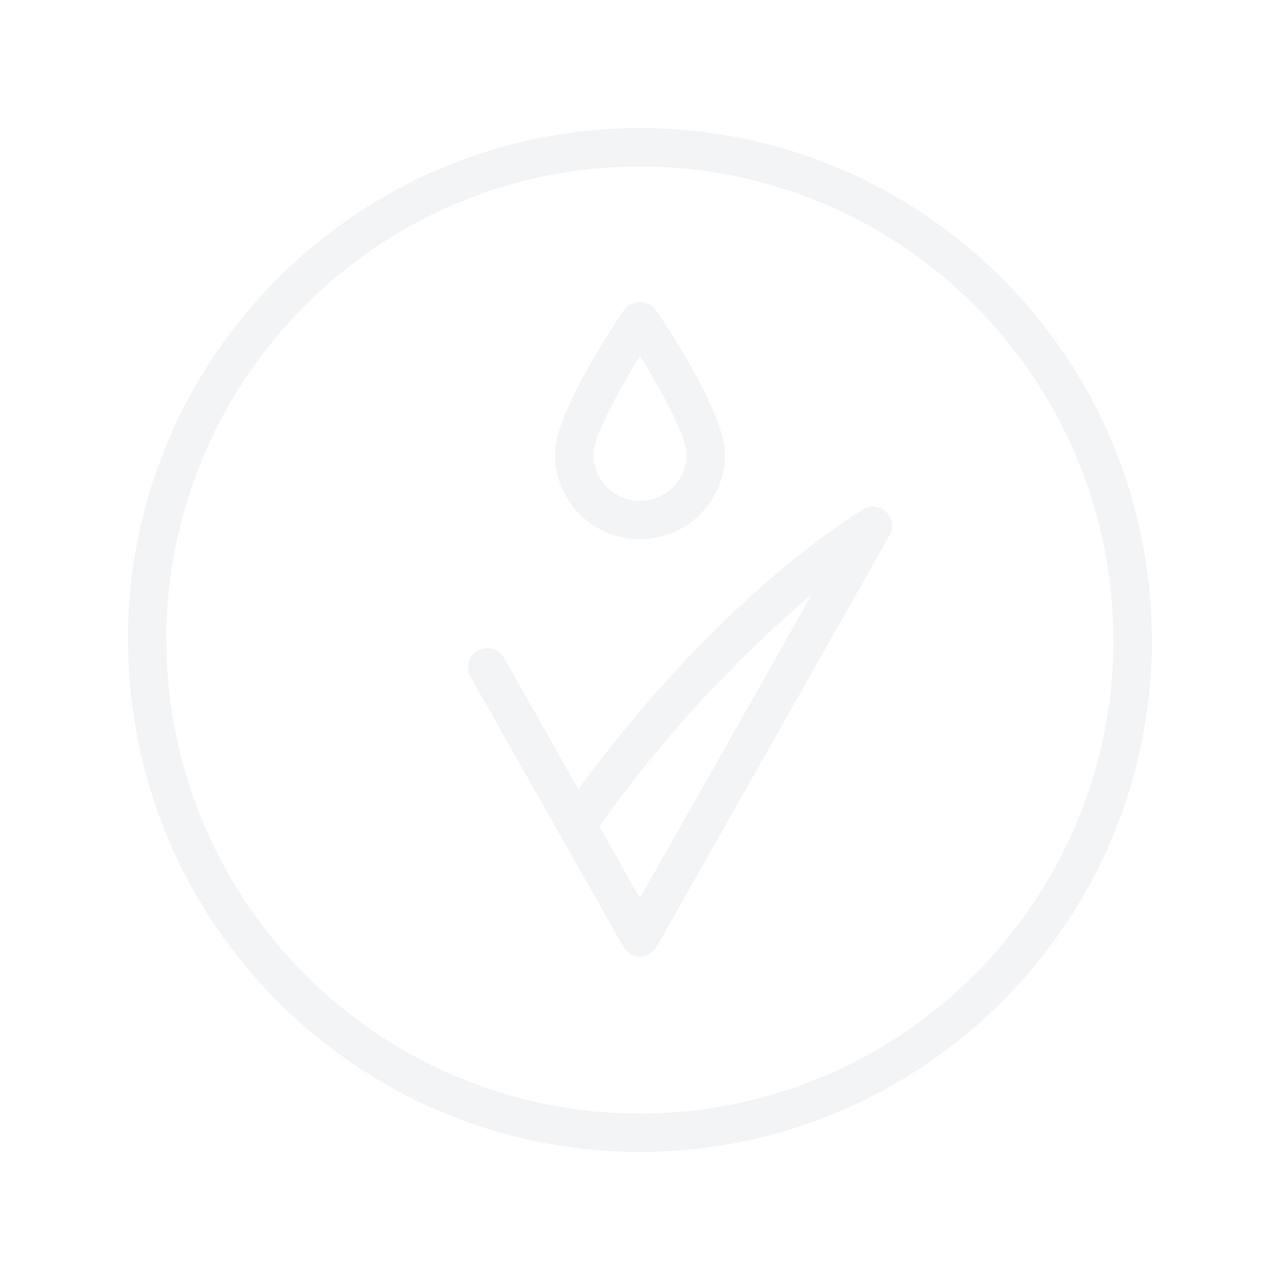 DIOR Miss Dior 2017 EDP 30ml